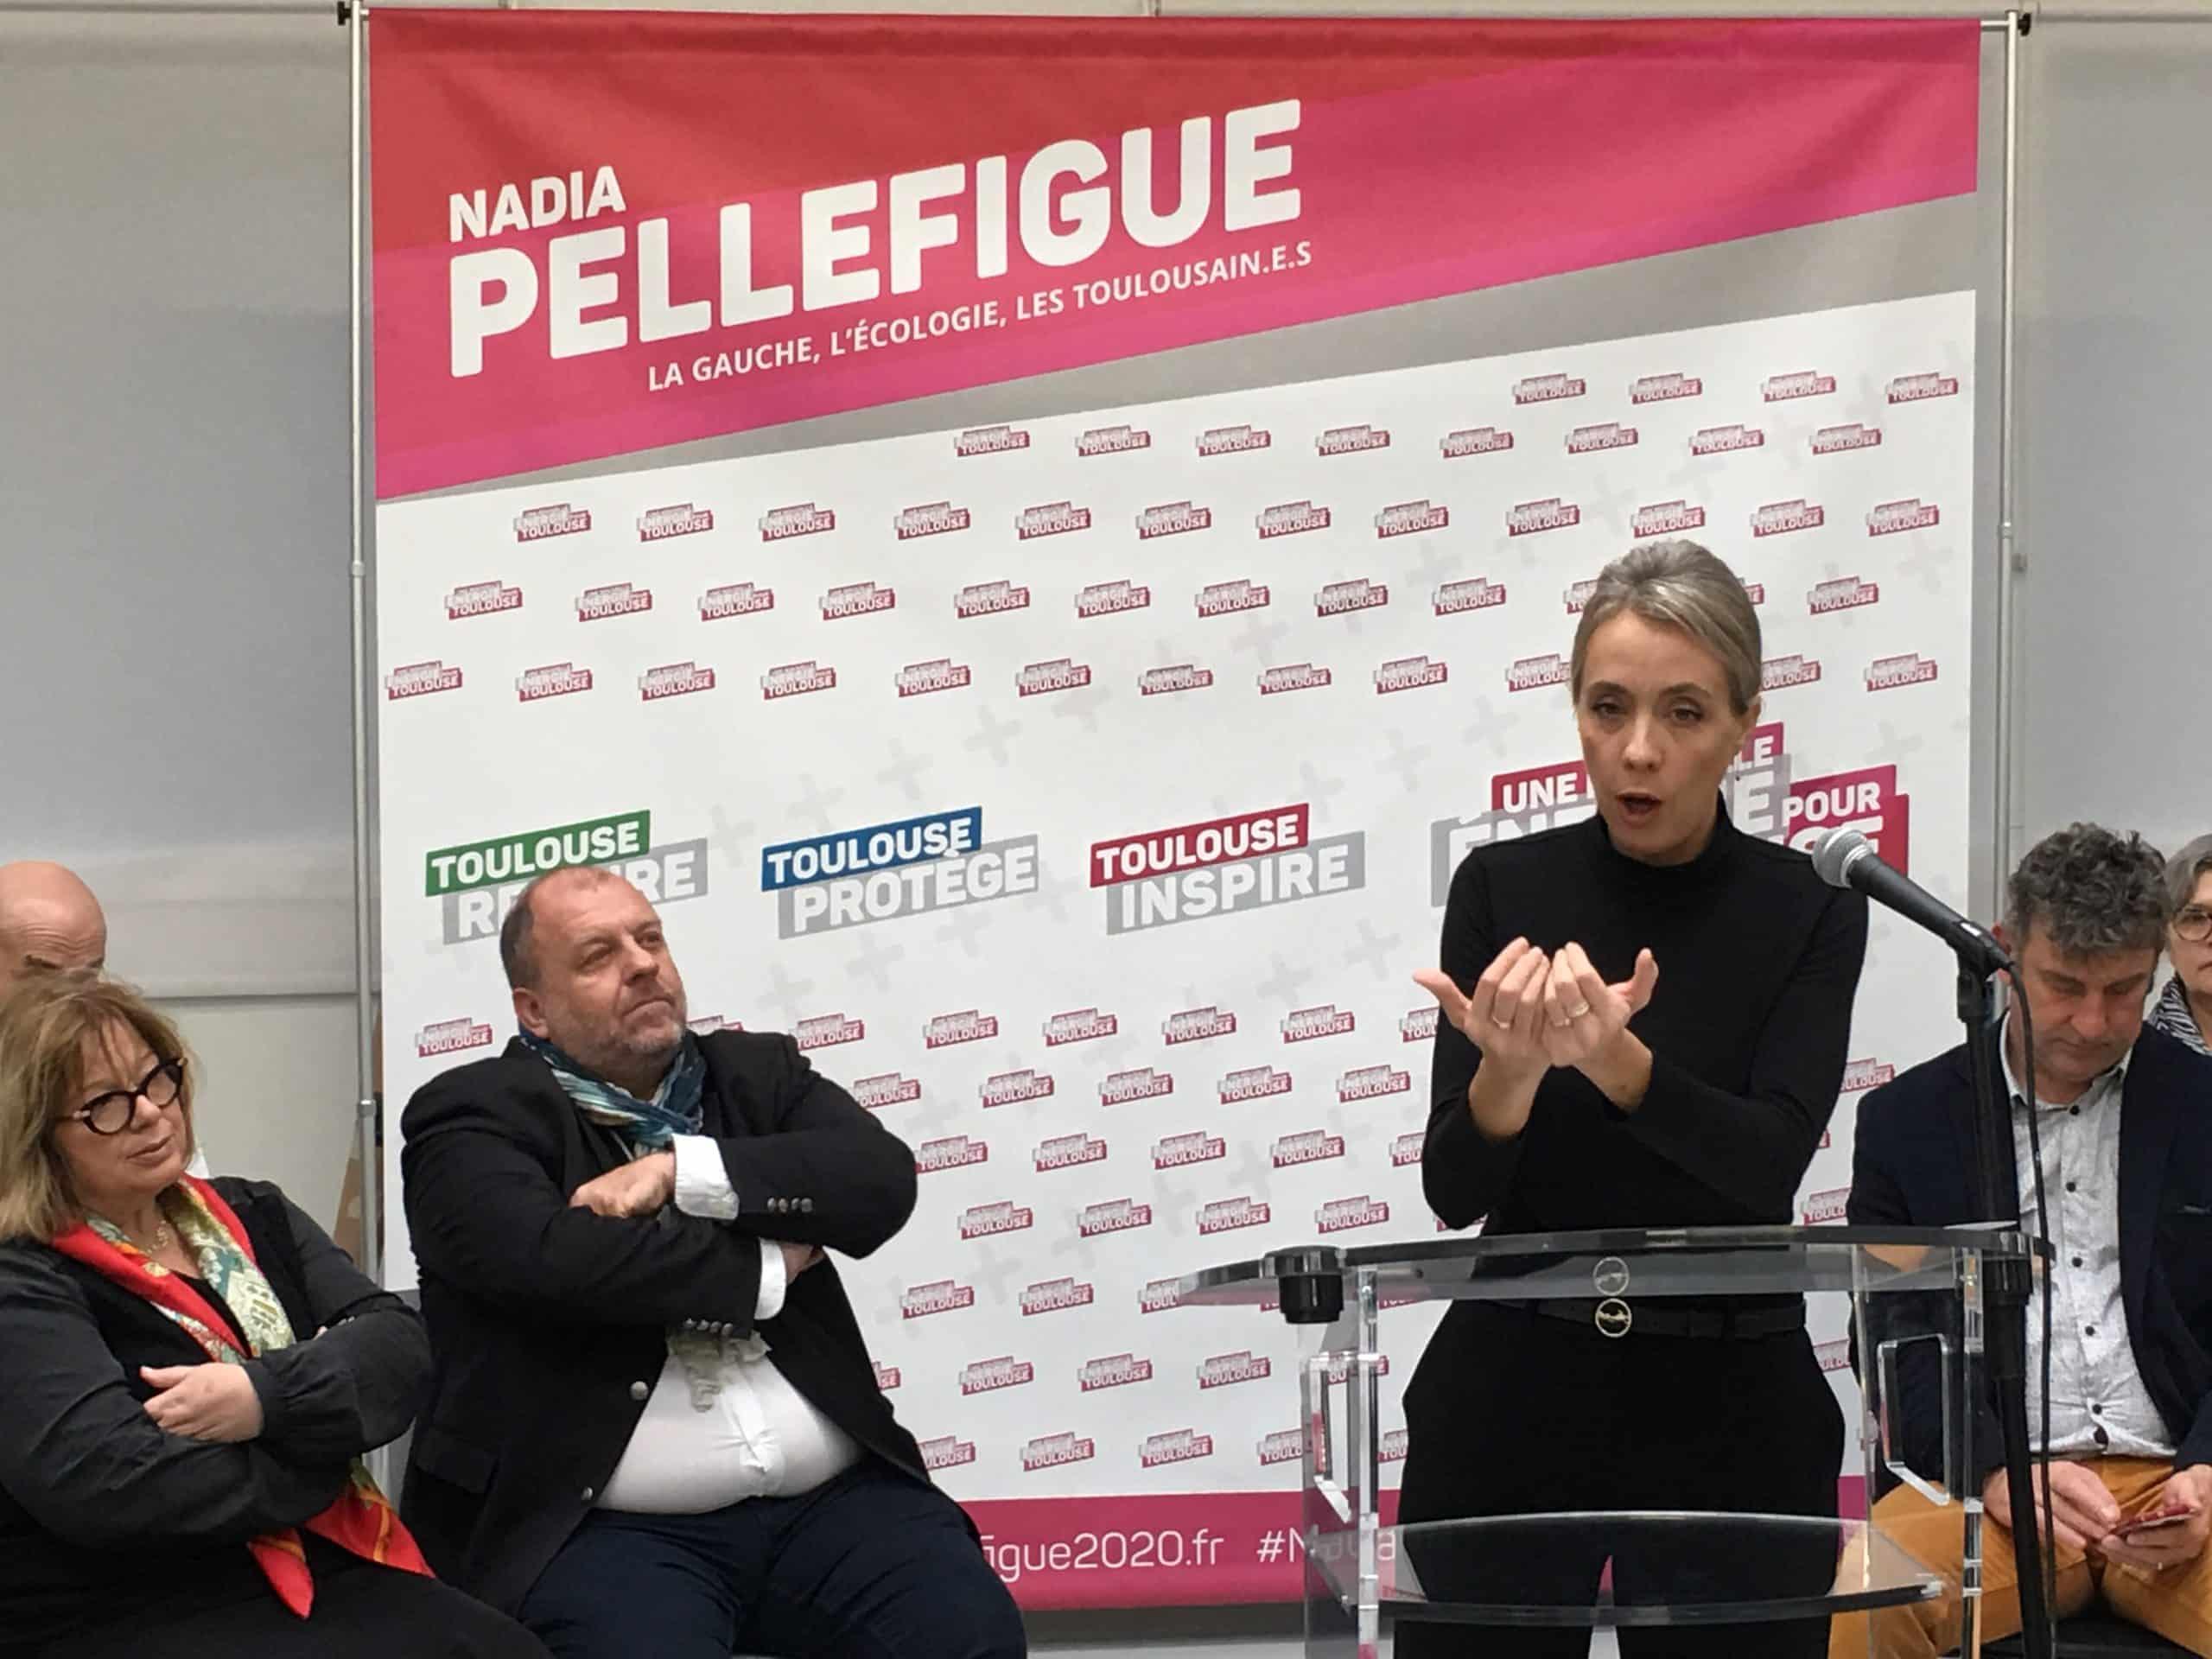 Nadia Pellefigue, le 10 février 2020 ©PS